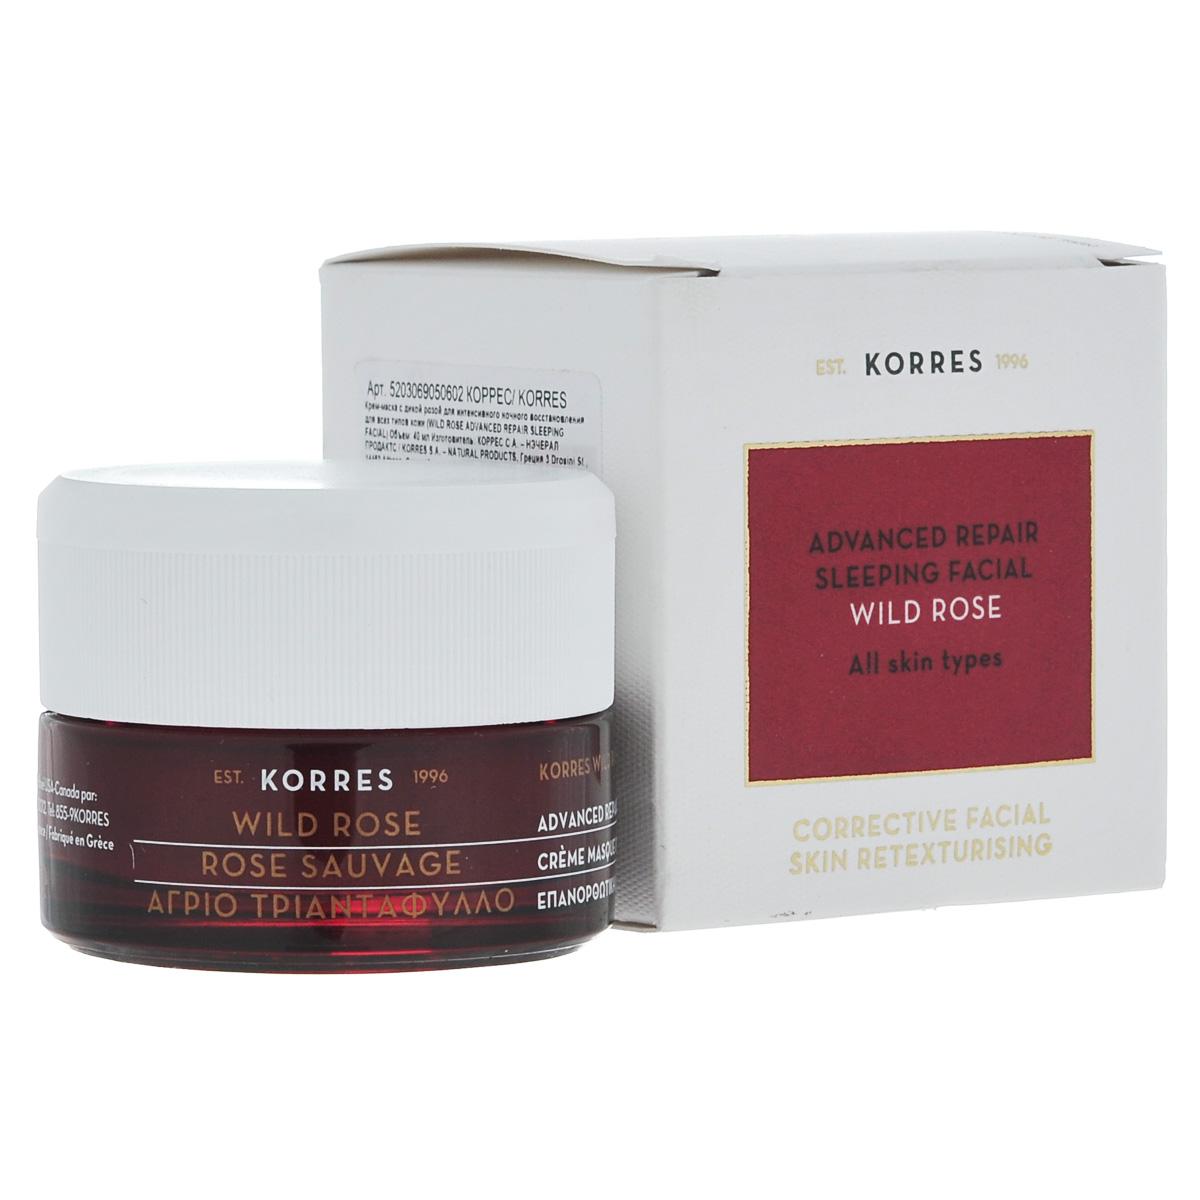 Korres Крем-маска с дикой розой для интенсивного ночного восстановления для всех типов кожи лица 40 мл6550073093,5% натуральных ингредиентов. Для любого возраста, для всех типов кожи. Увлажняющее молочко для тела обогащено витаминами, микроэлементами и необходимыми энергетическими компонентами. Сочетание масел миндаля и ши, активного алоэ и провитамина В5 обеспечивает длительное увлажнение и восстанавливает эластичность кожи. Легко впитывается, даря коже бархатистость. Исключительная пудровая текстура создает на коже финальный матовый эффект.Экстракт куркумы лонга, Стабильный Витамин С, Масло дикой розы, Низкомолекулекулярная гиалуроновая кислота, Комплекс восков жожоба, мимозы и подсолнечникаВечером нанесите на предварительно очищенную кожу лица и шеи, избегая области вокруг глаз. Использовать ежедневно курсом или 1 - 2 раза в неделю постоянно.